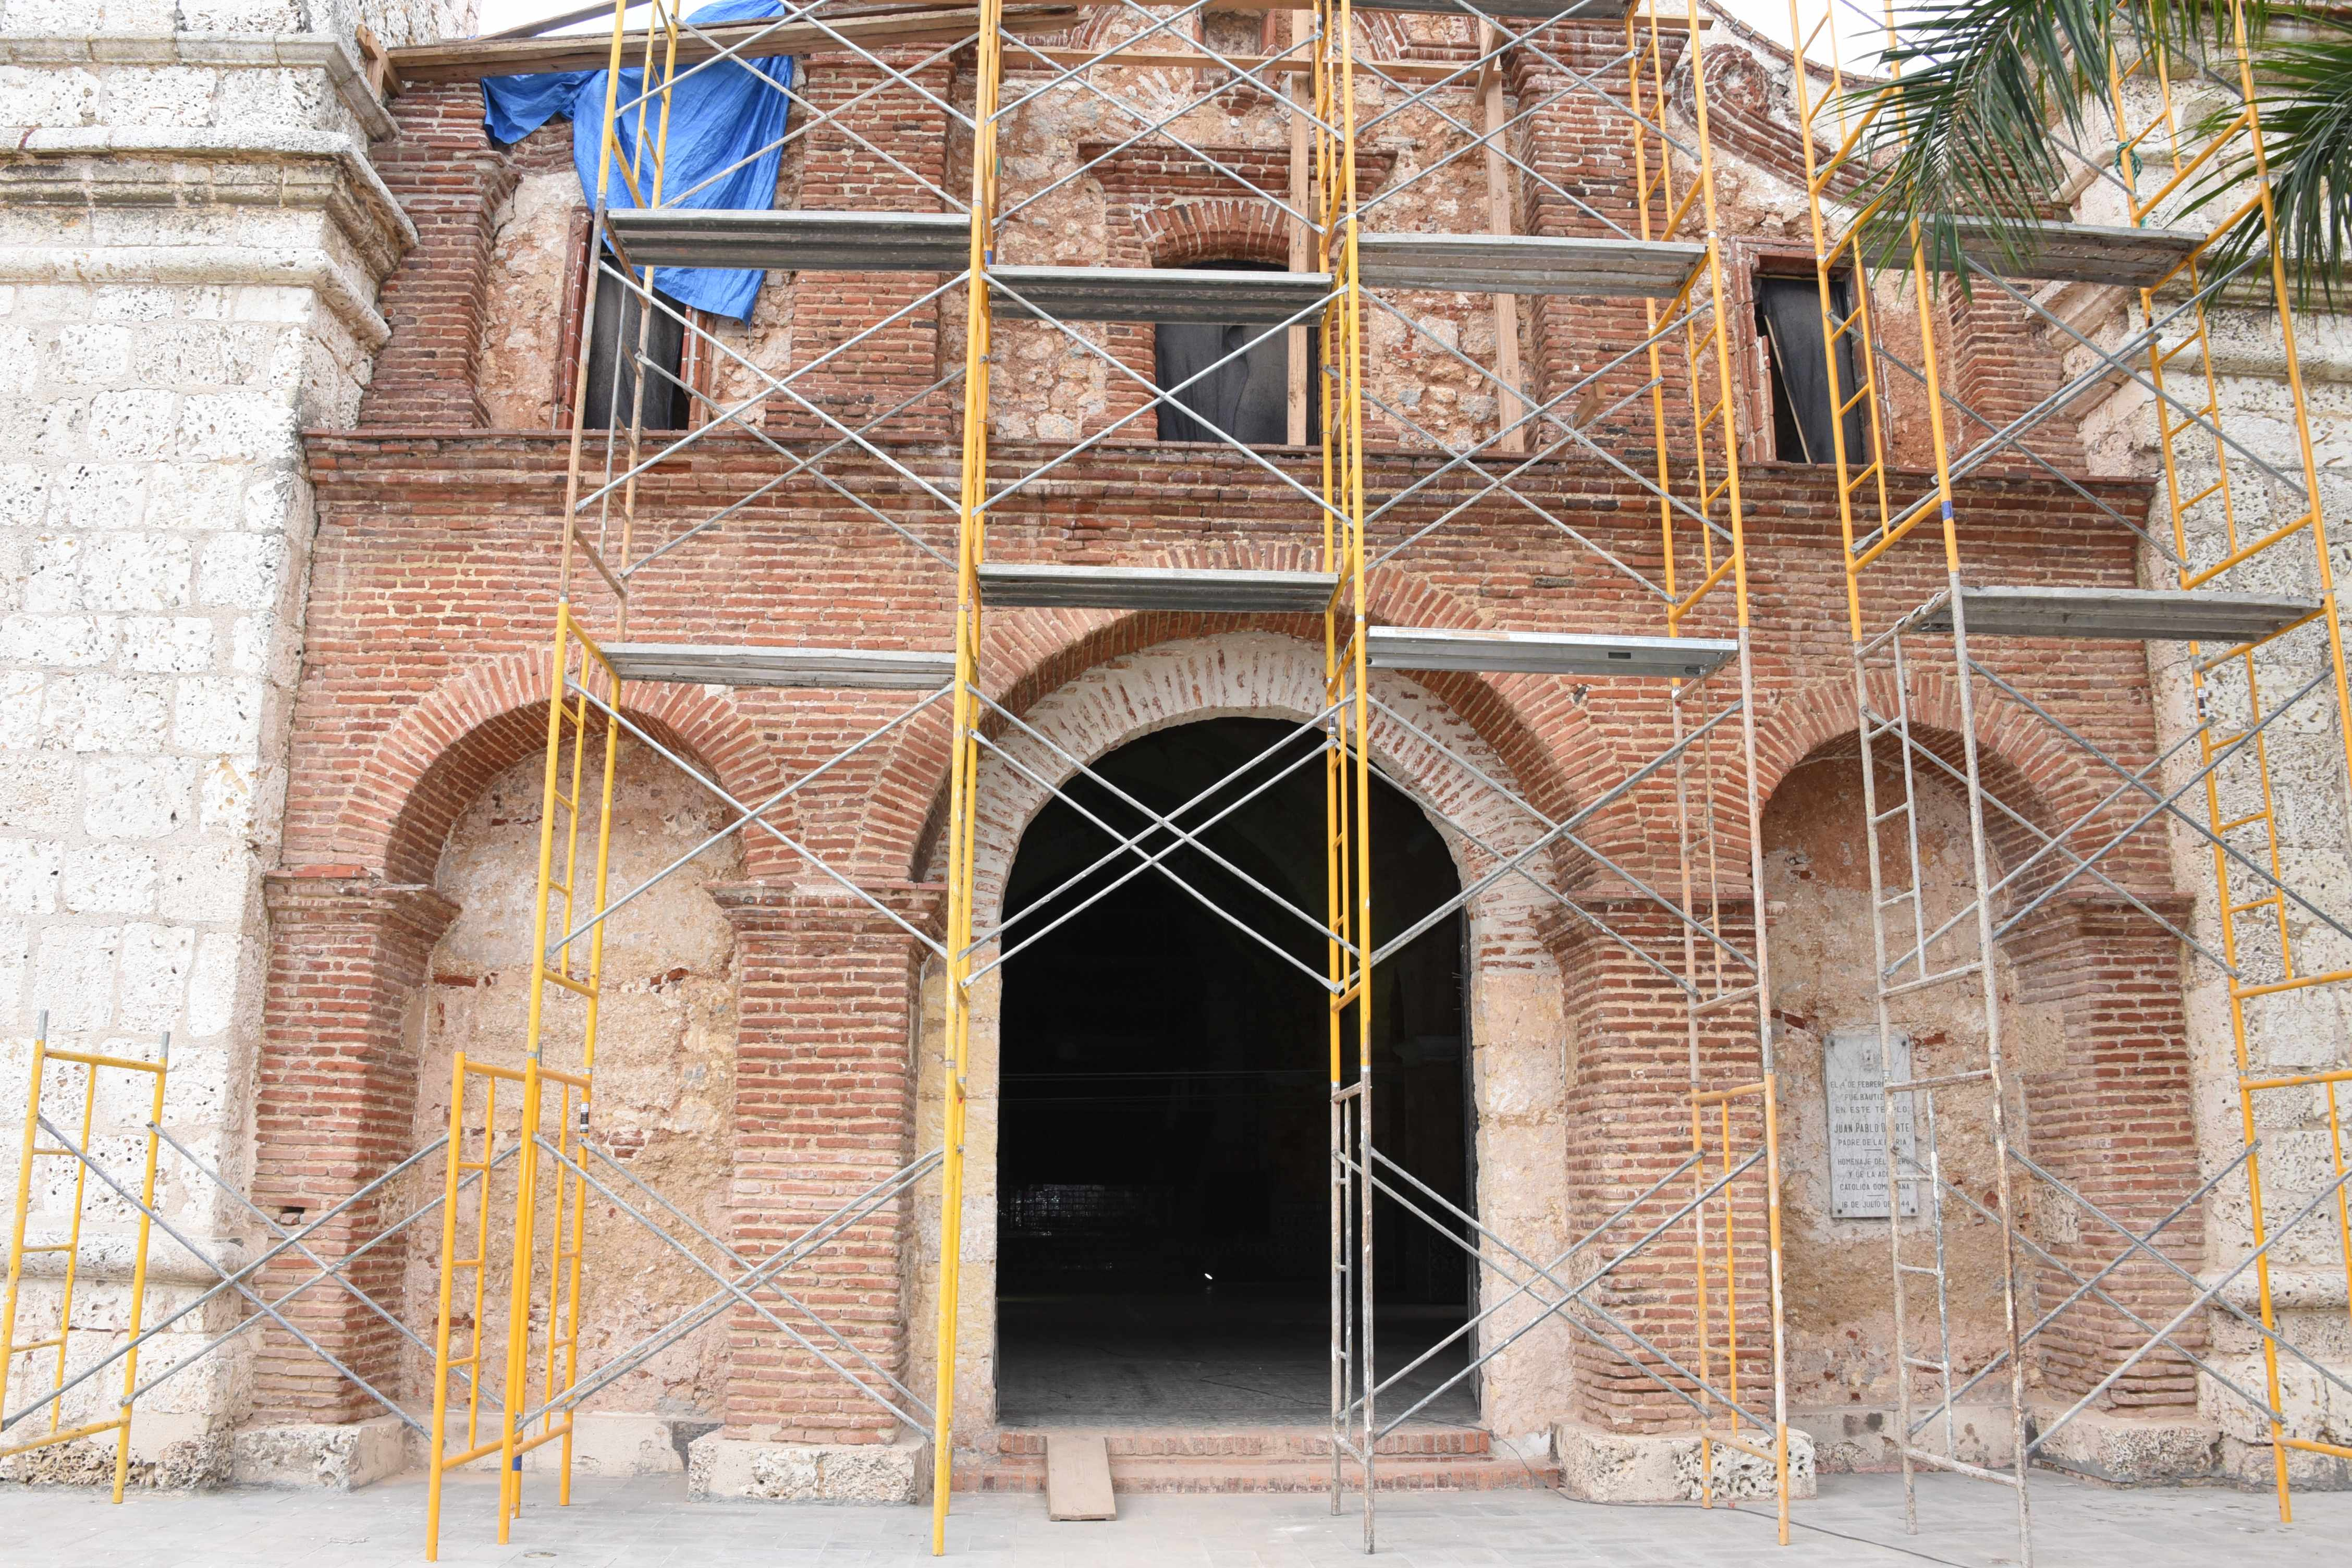 El ministro de Cultura verifica el avance de los trabajos remozamiento de la Iglesia Santa Bárbara